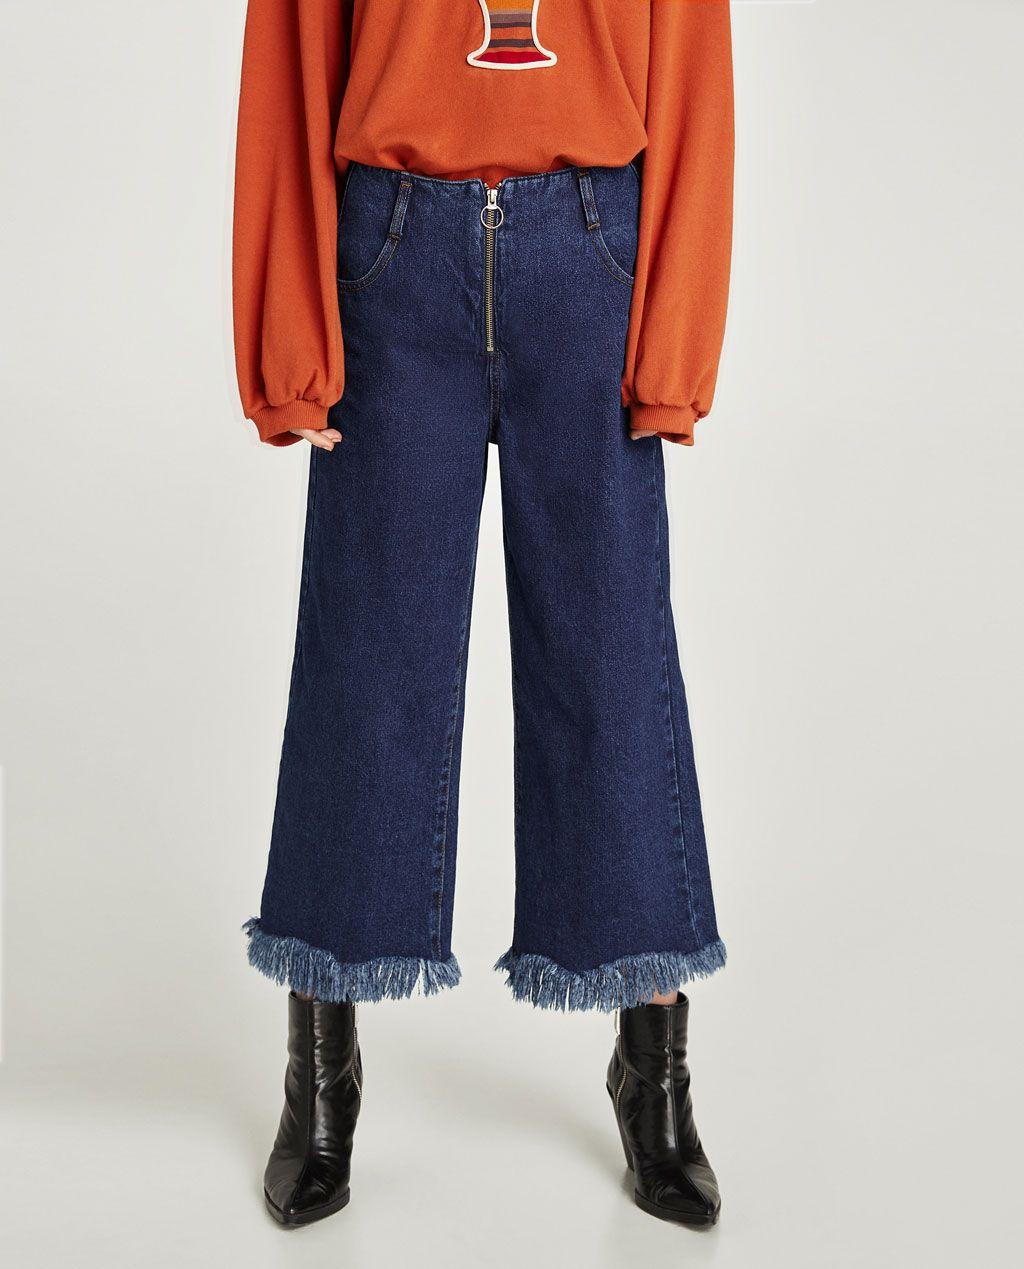 image 3 de jupe culotte en jean taille haute de zara. Black Bedroom Furniture Sets. Home Design Ideas